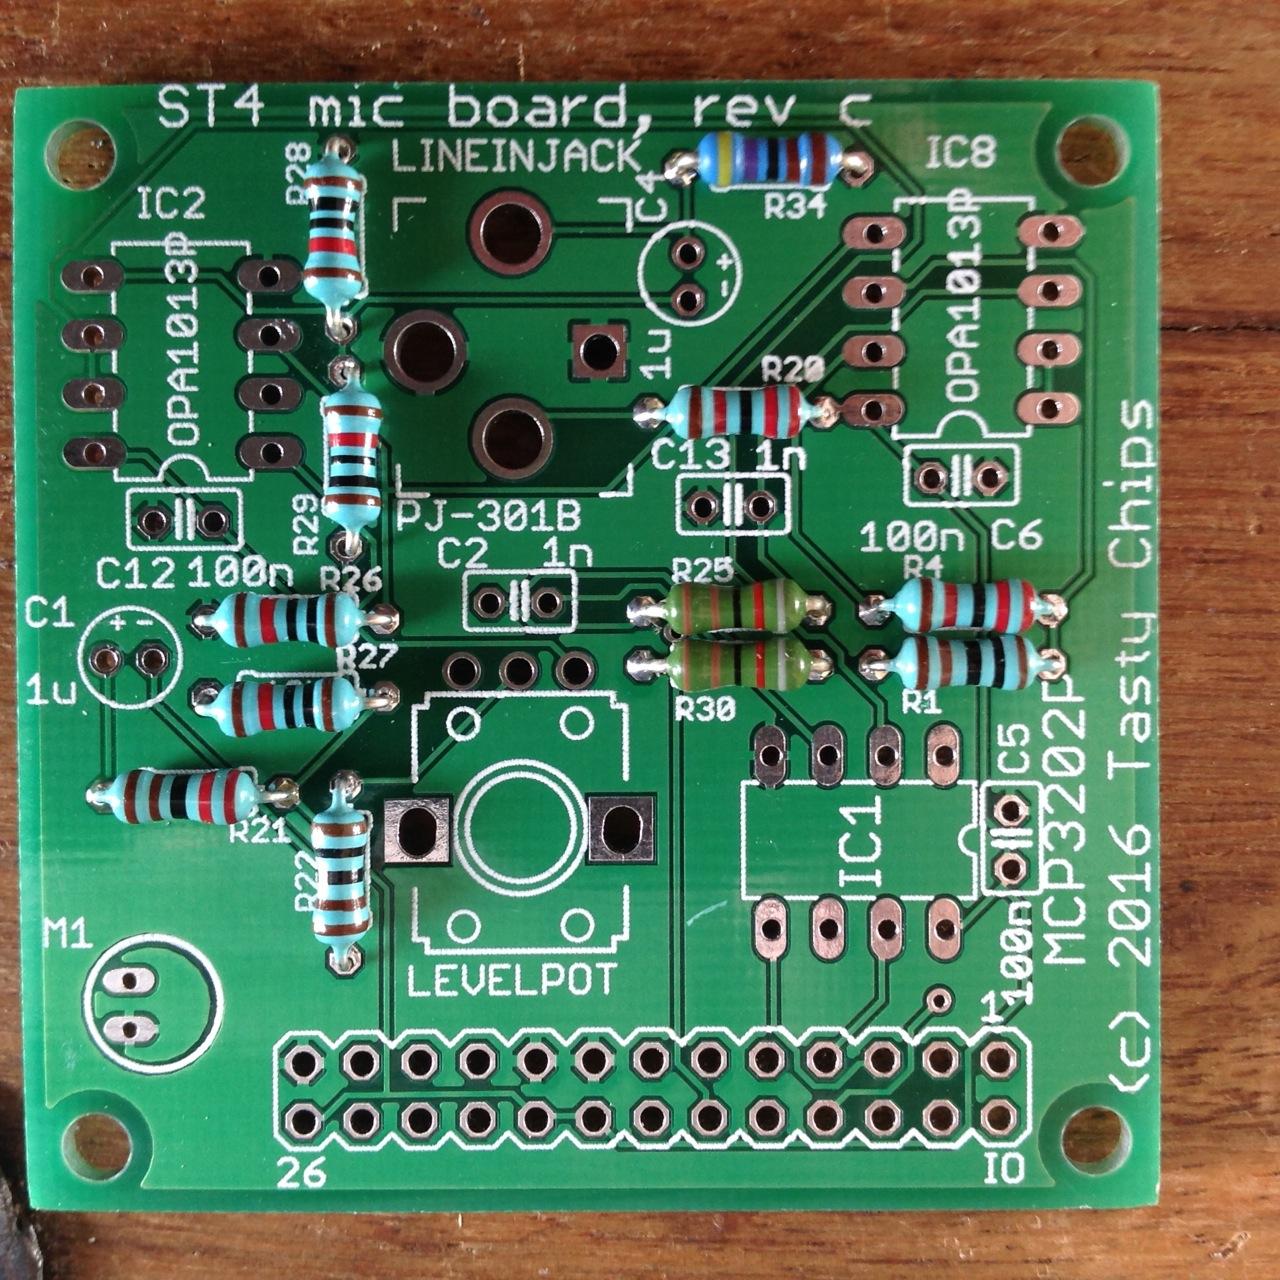 micboard4k7